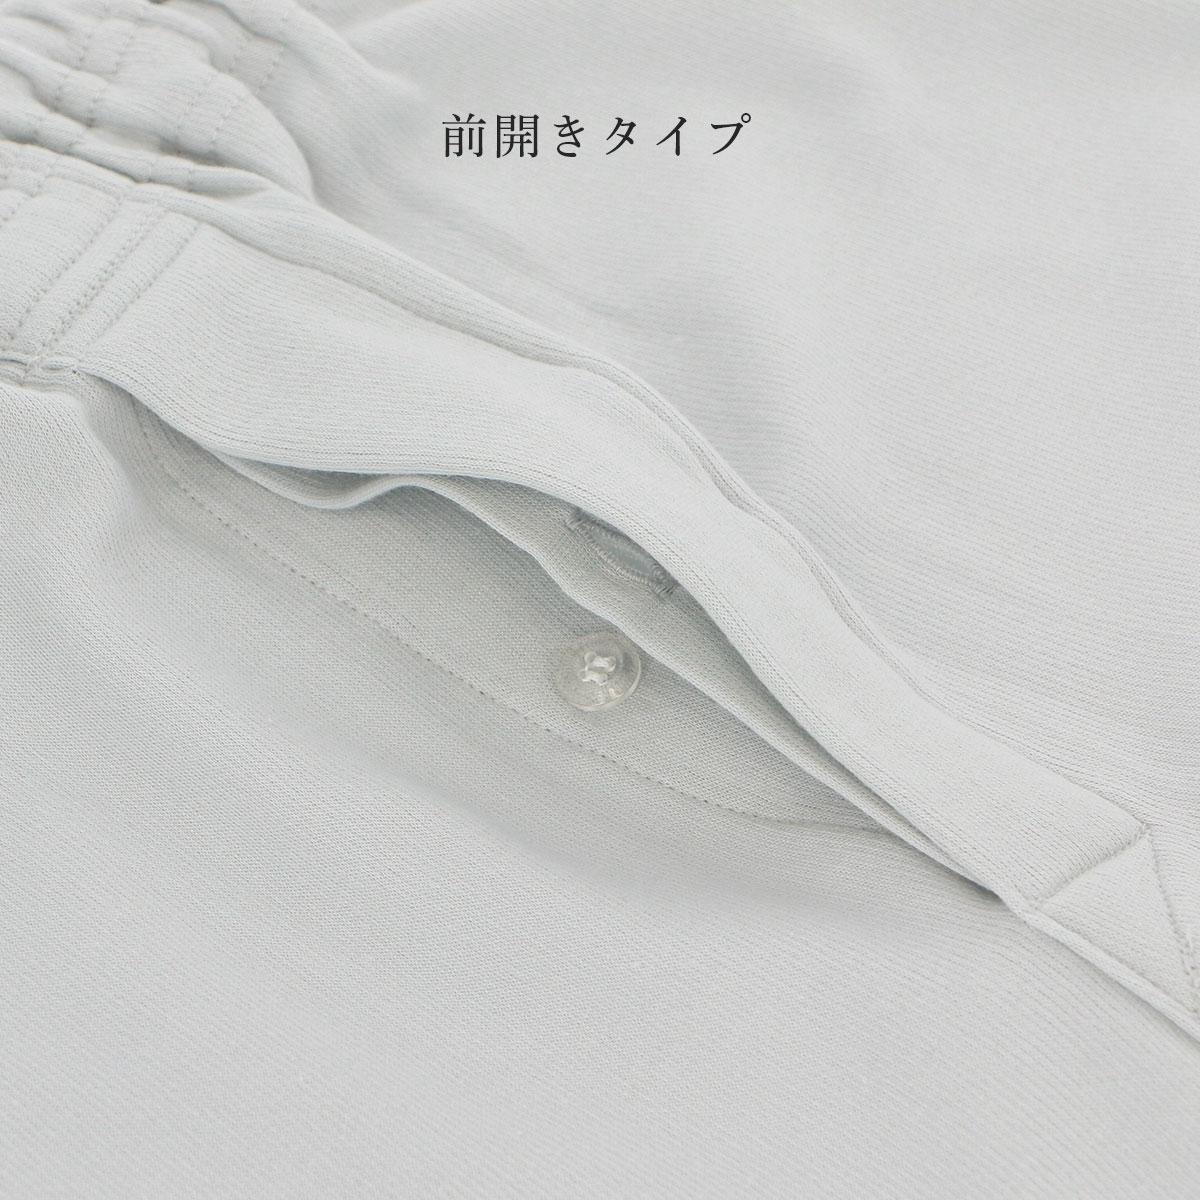 極眠 by NAIGAI 日本製 スーピマスムース コットン100% パウダースノー パジャマ 前開き 長袖 長丈パンツ 【Lサイズ】男性 メンズ  73380617【ゆうパケットお取り扱い不可】